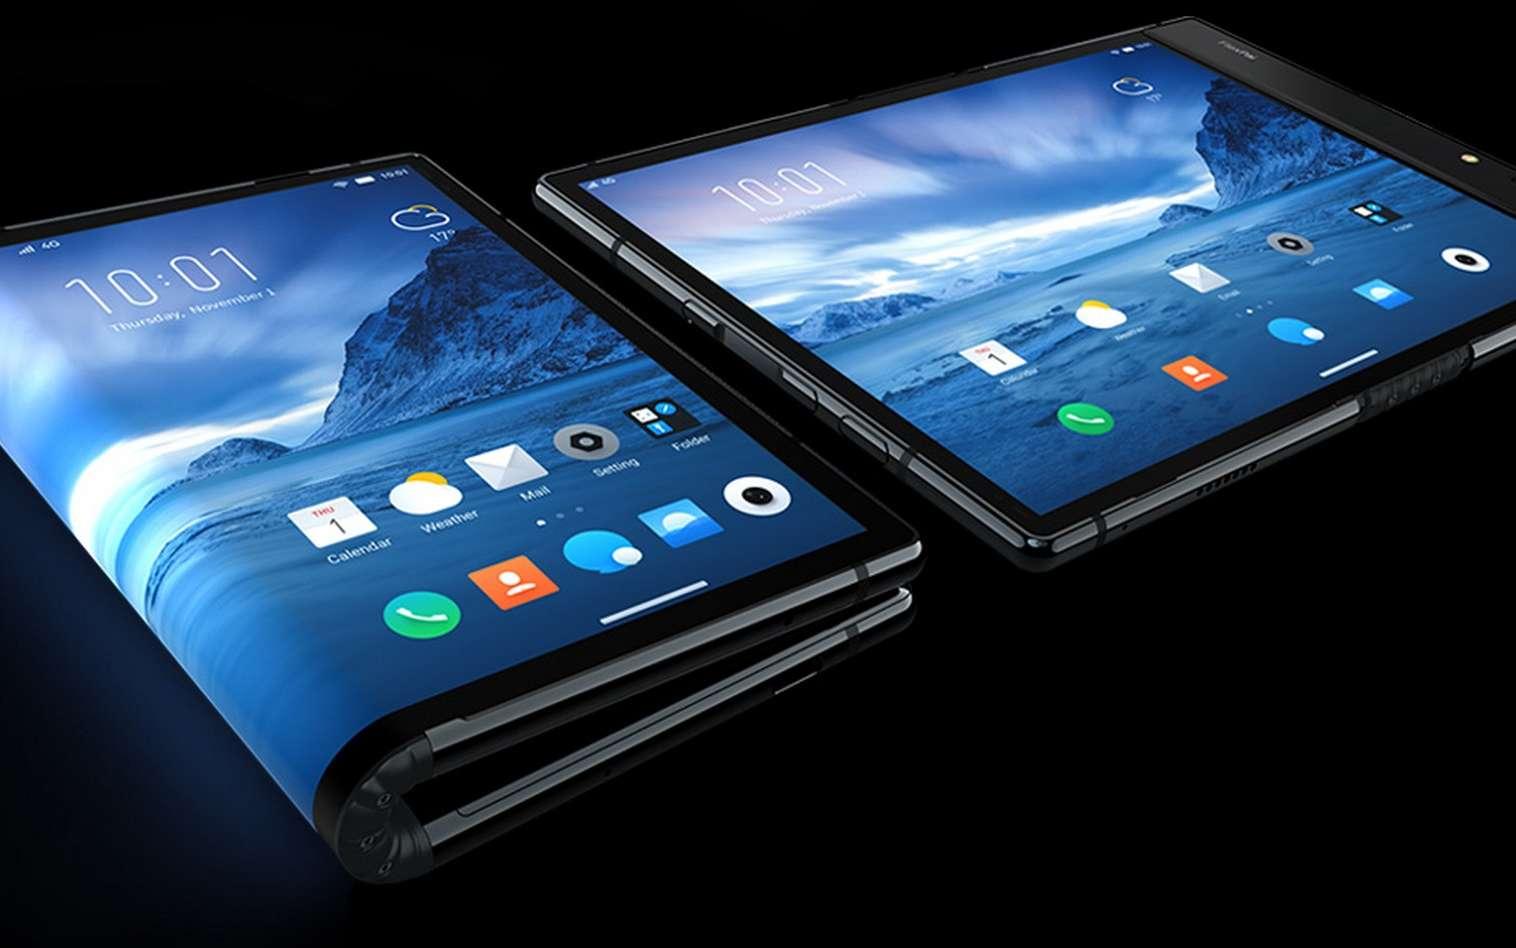 Huawei travaille lui aussi depuis plusieurs années sur un smartphone à écran pliable. © PeopleImages, IStock.com